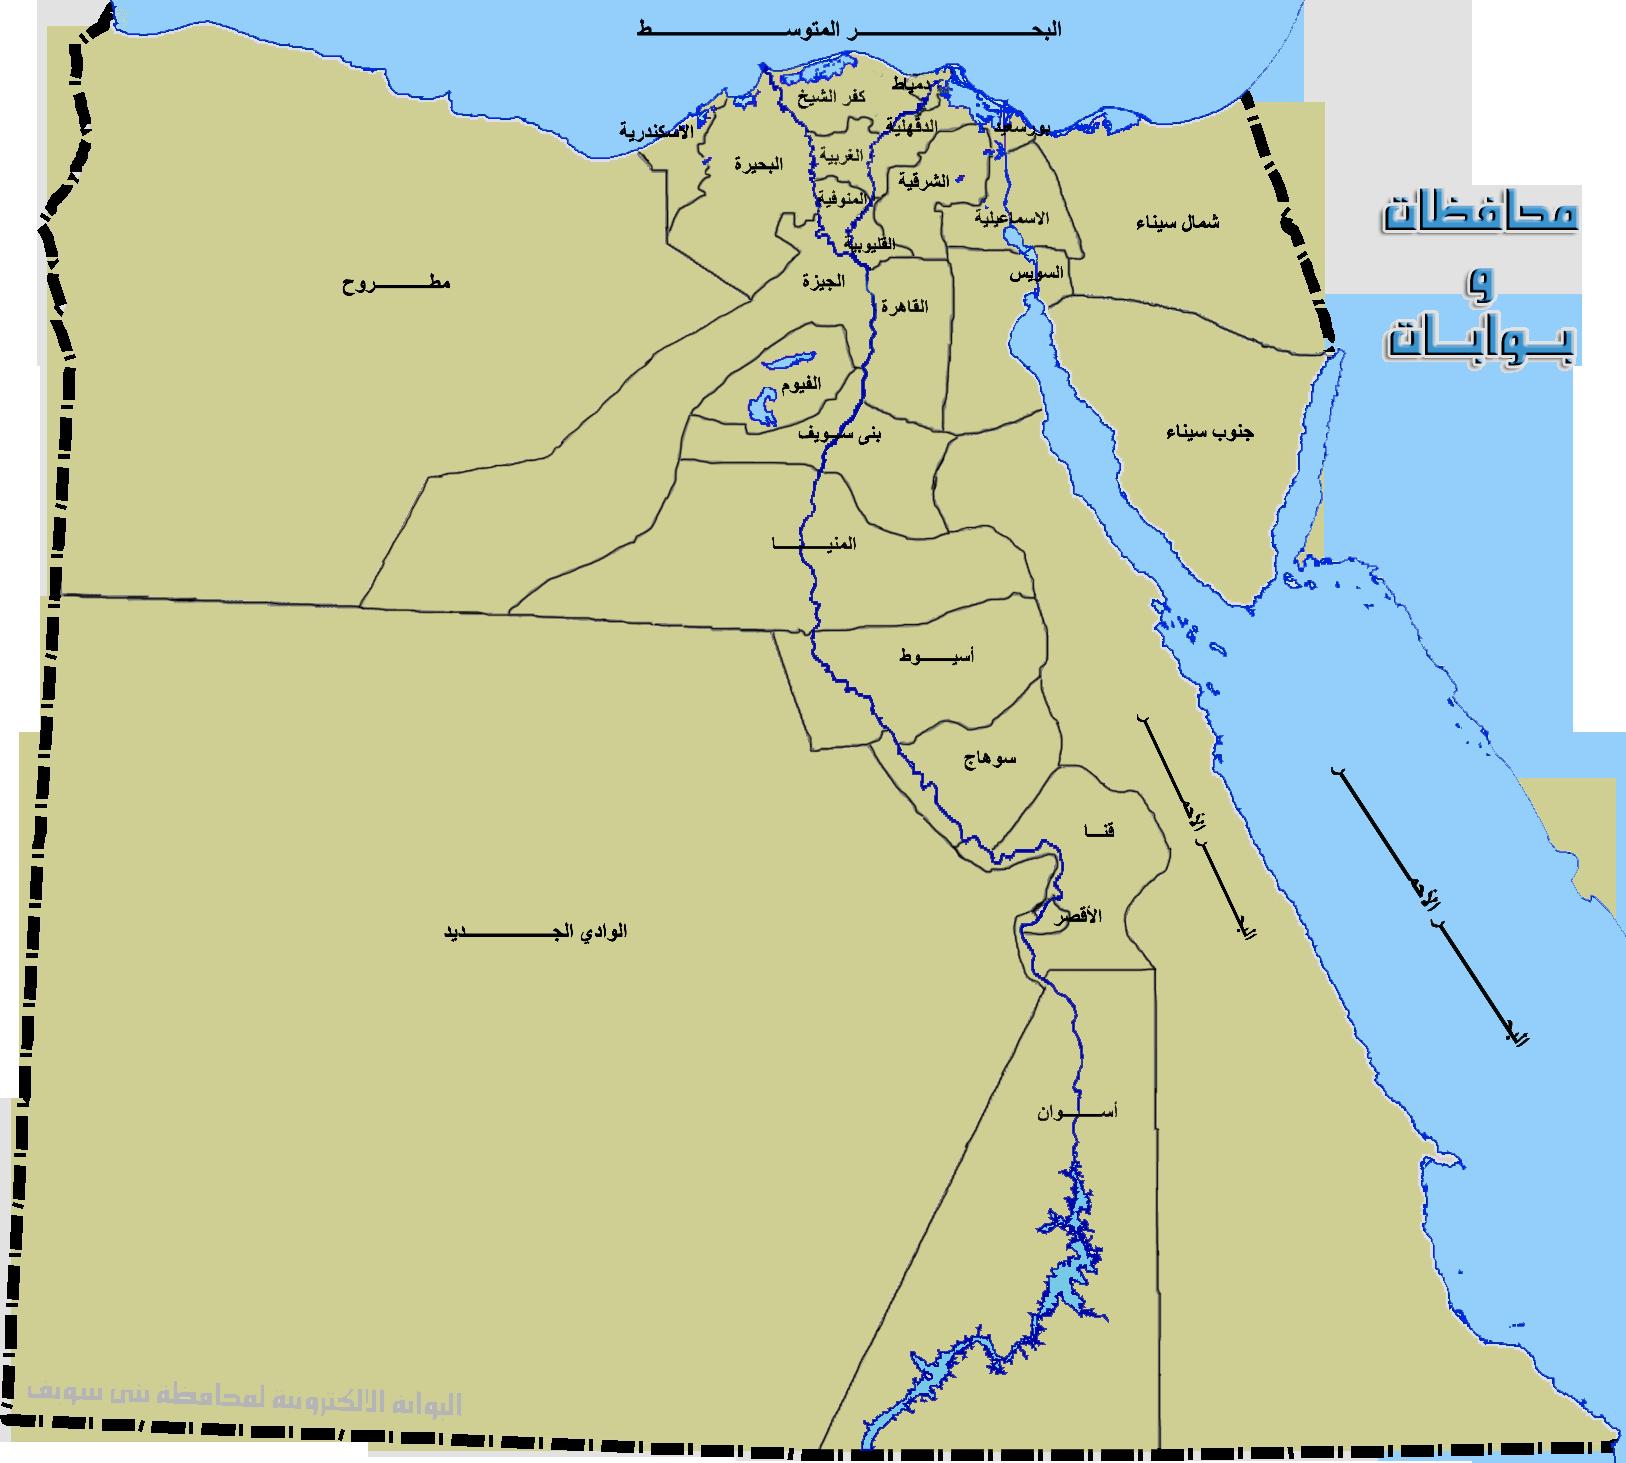 خريطة مصر شبكة و منتديات العرب المسافرون